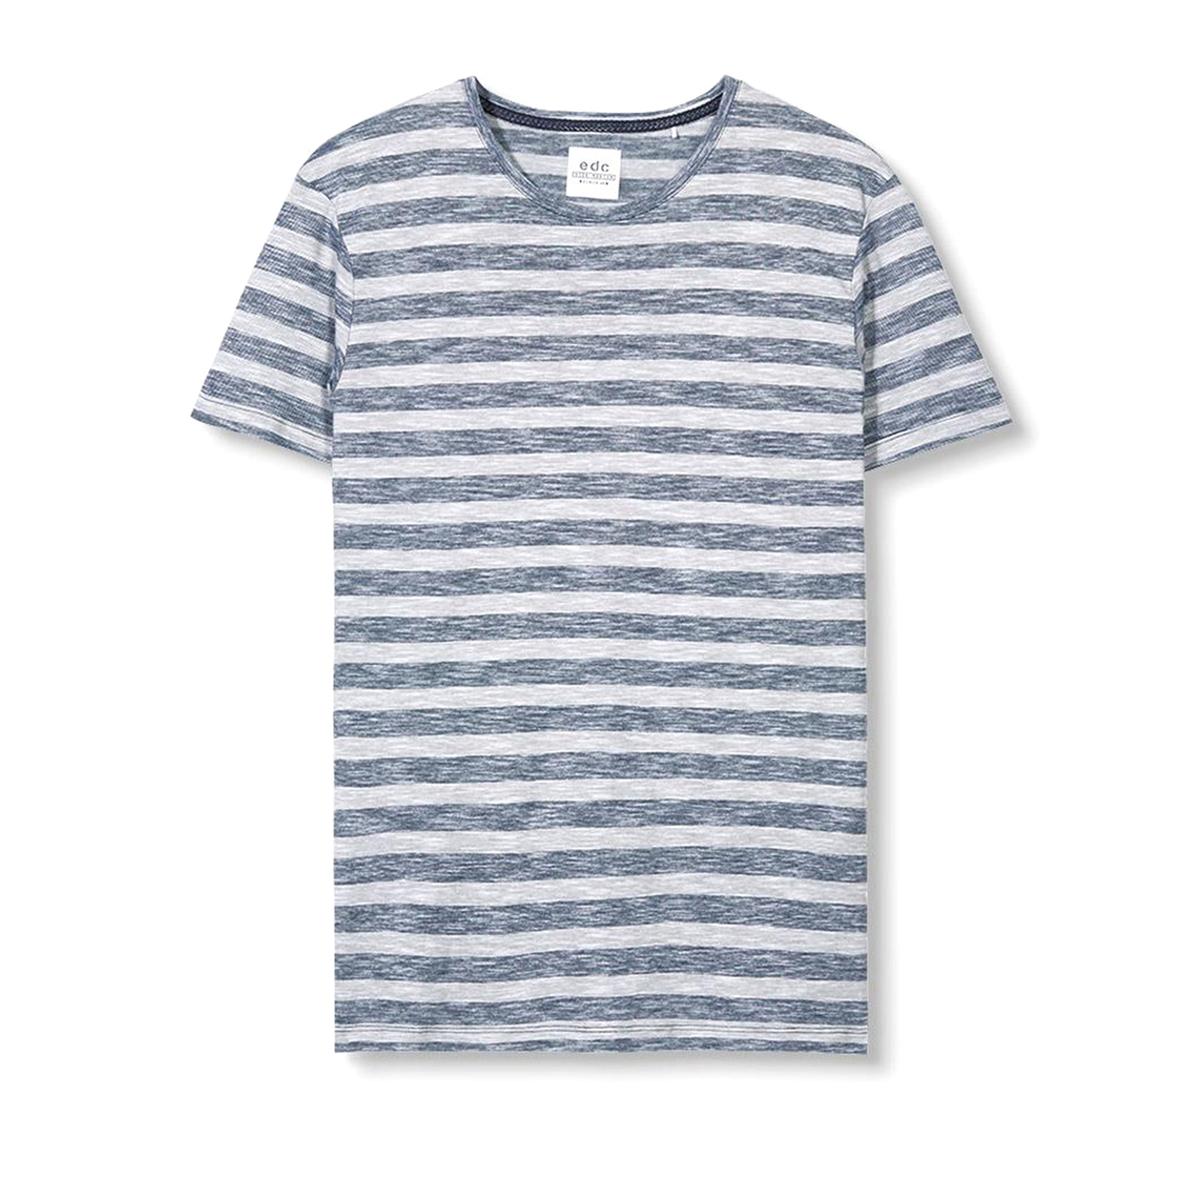 Футболка с меланжевым эффектом в полоску футболка мужская esprit 025ee2k027c 15 259